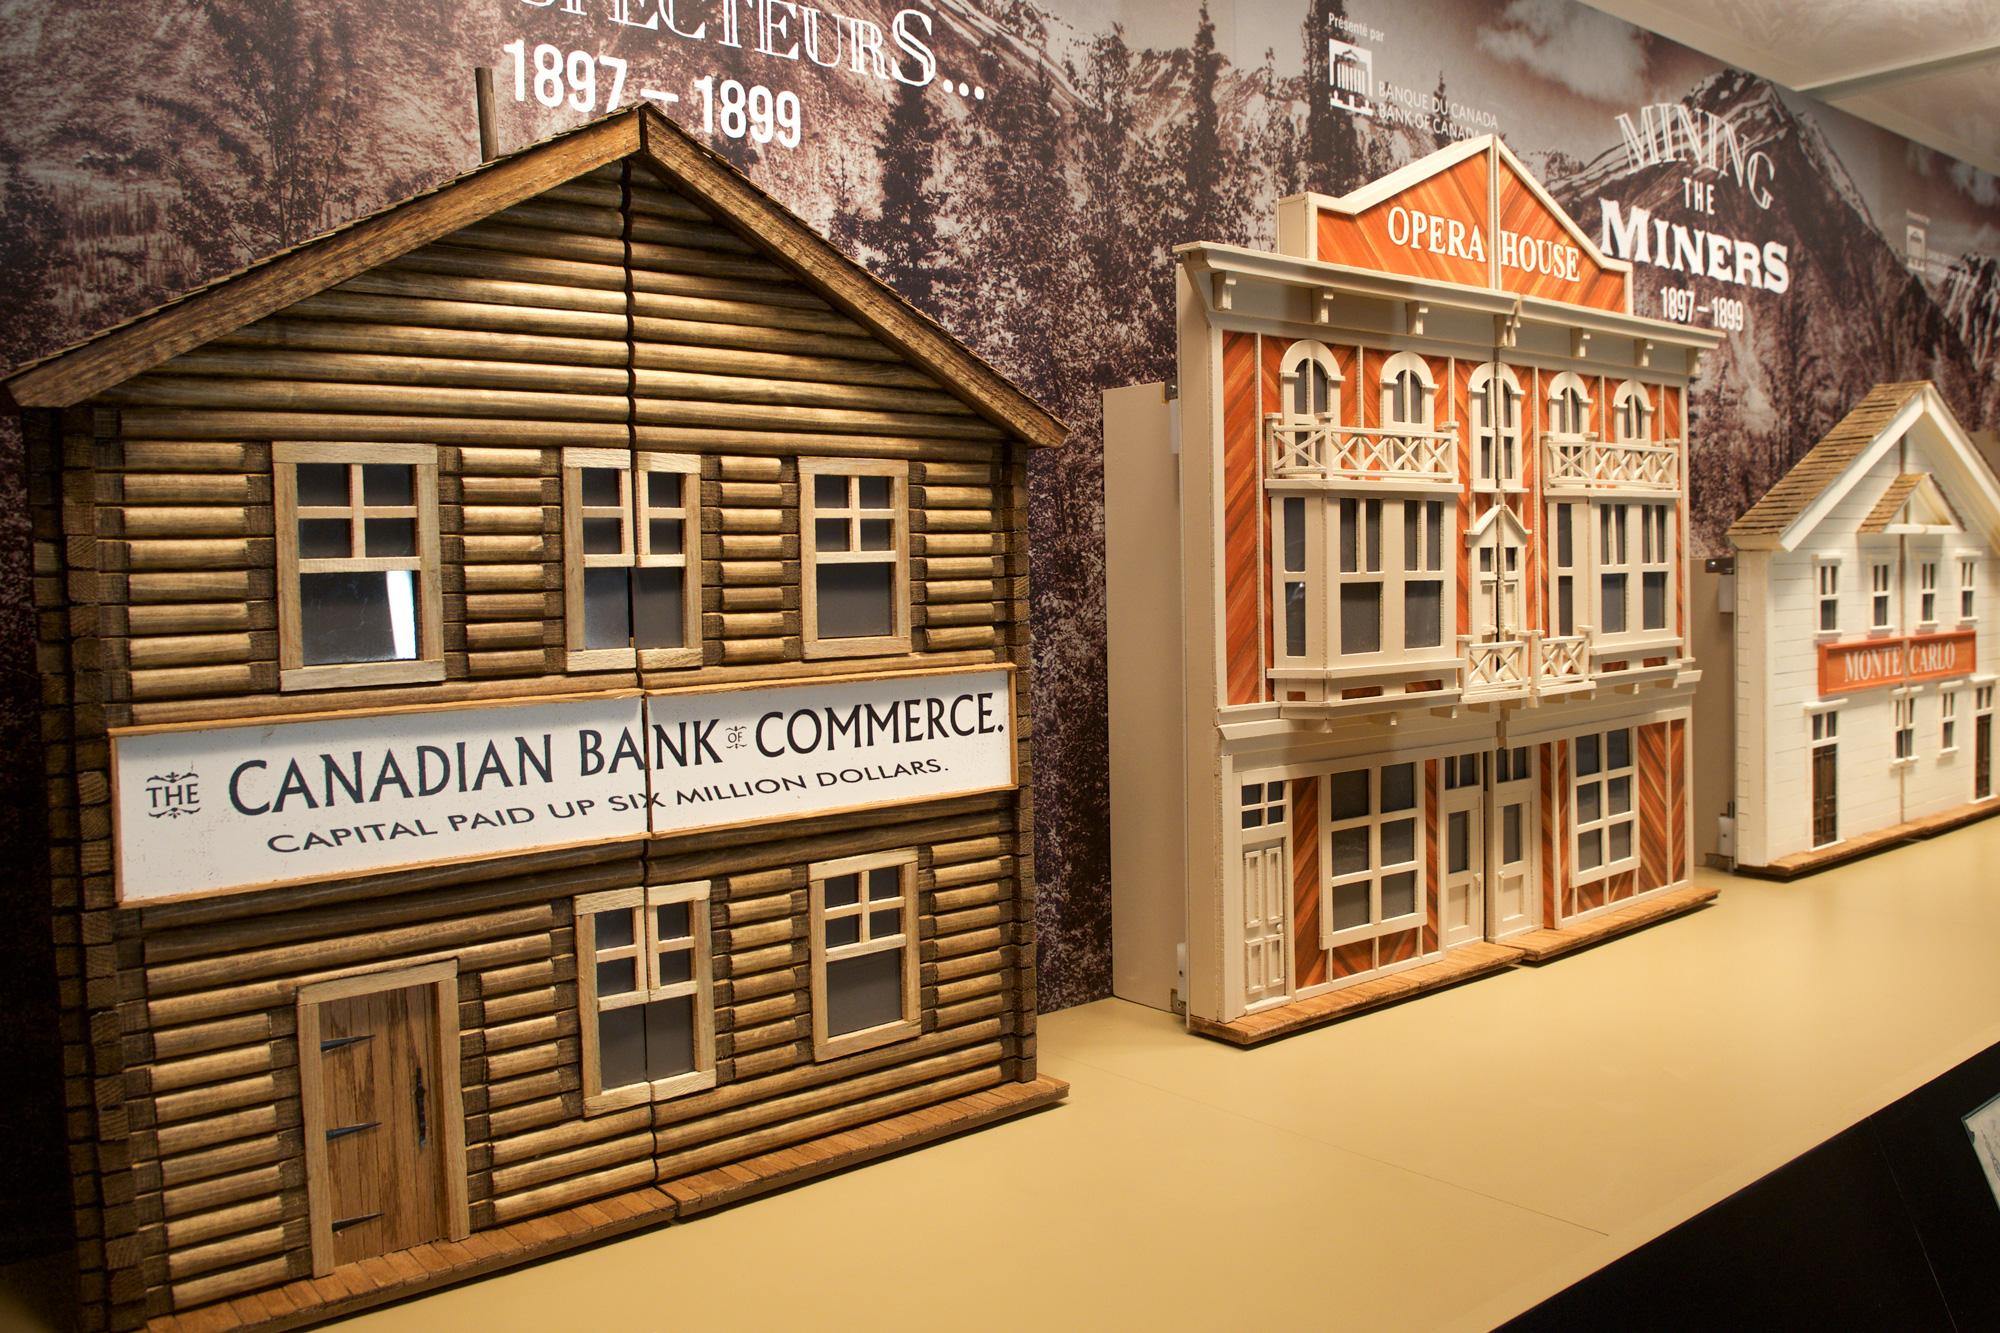 diorama de bâtiments de style « boomtown »